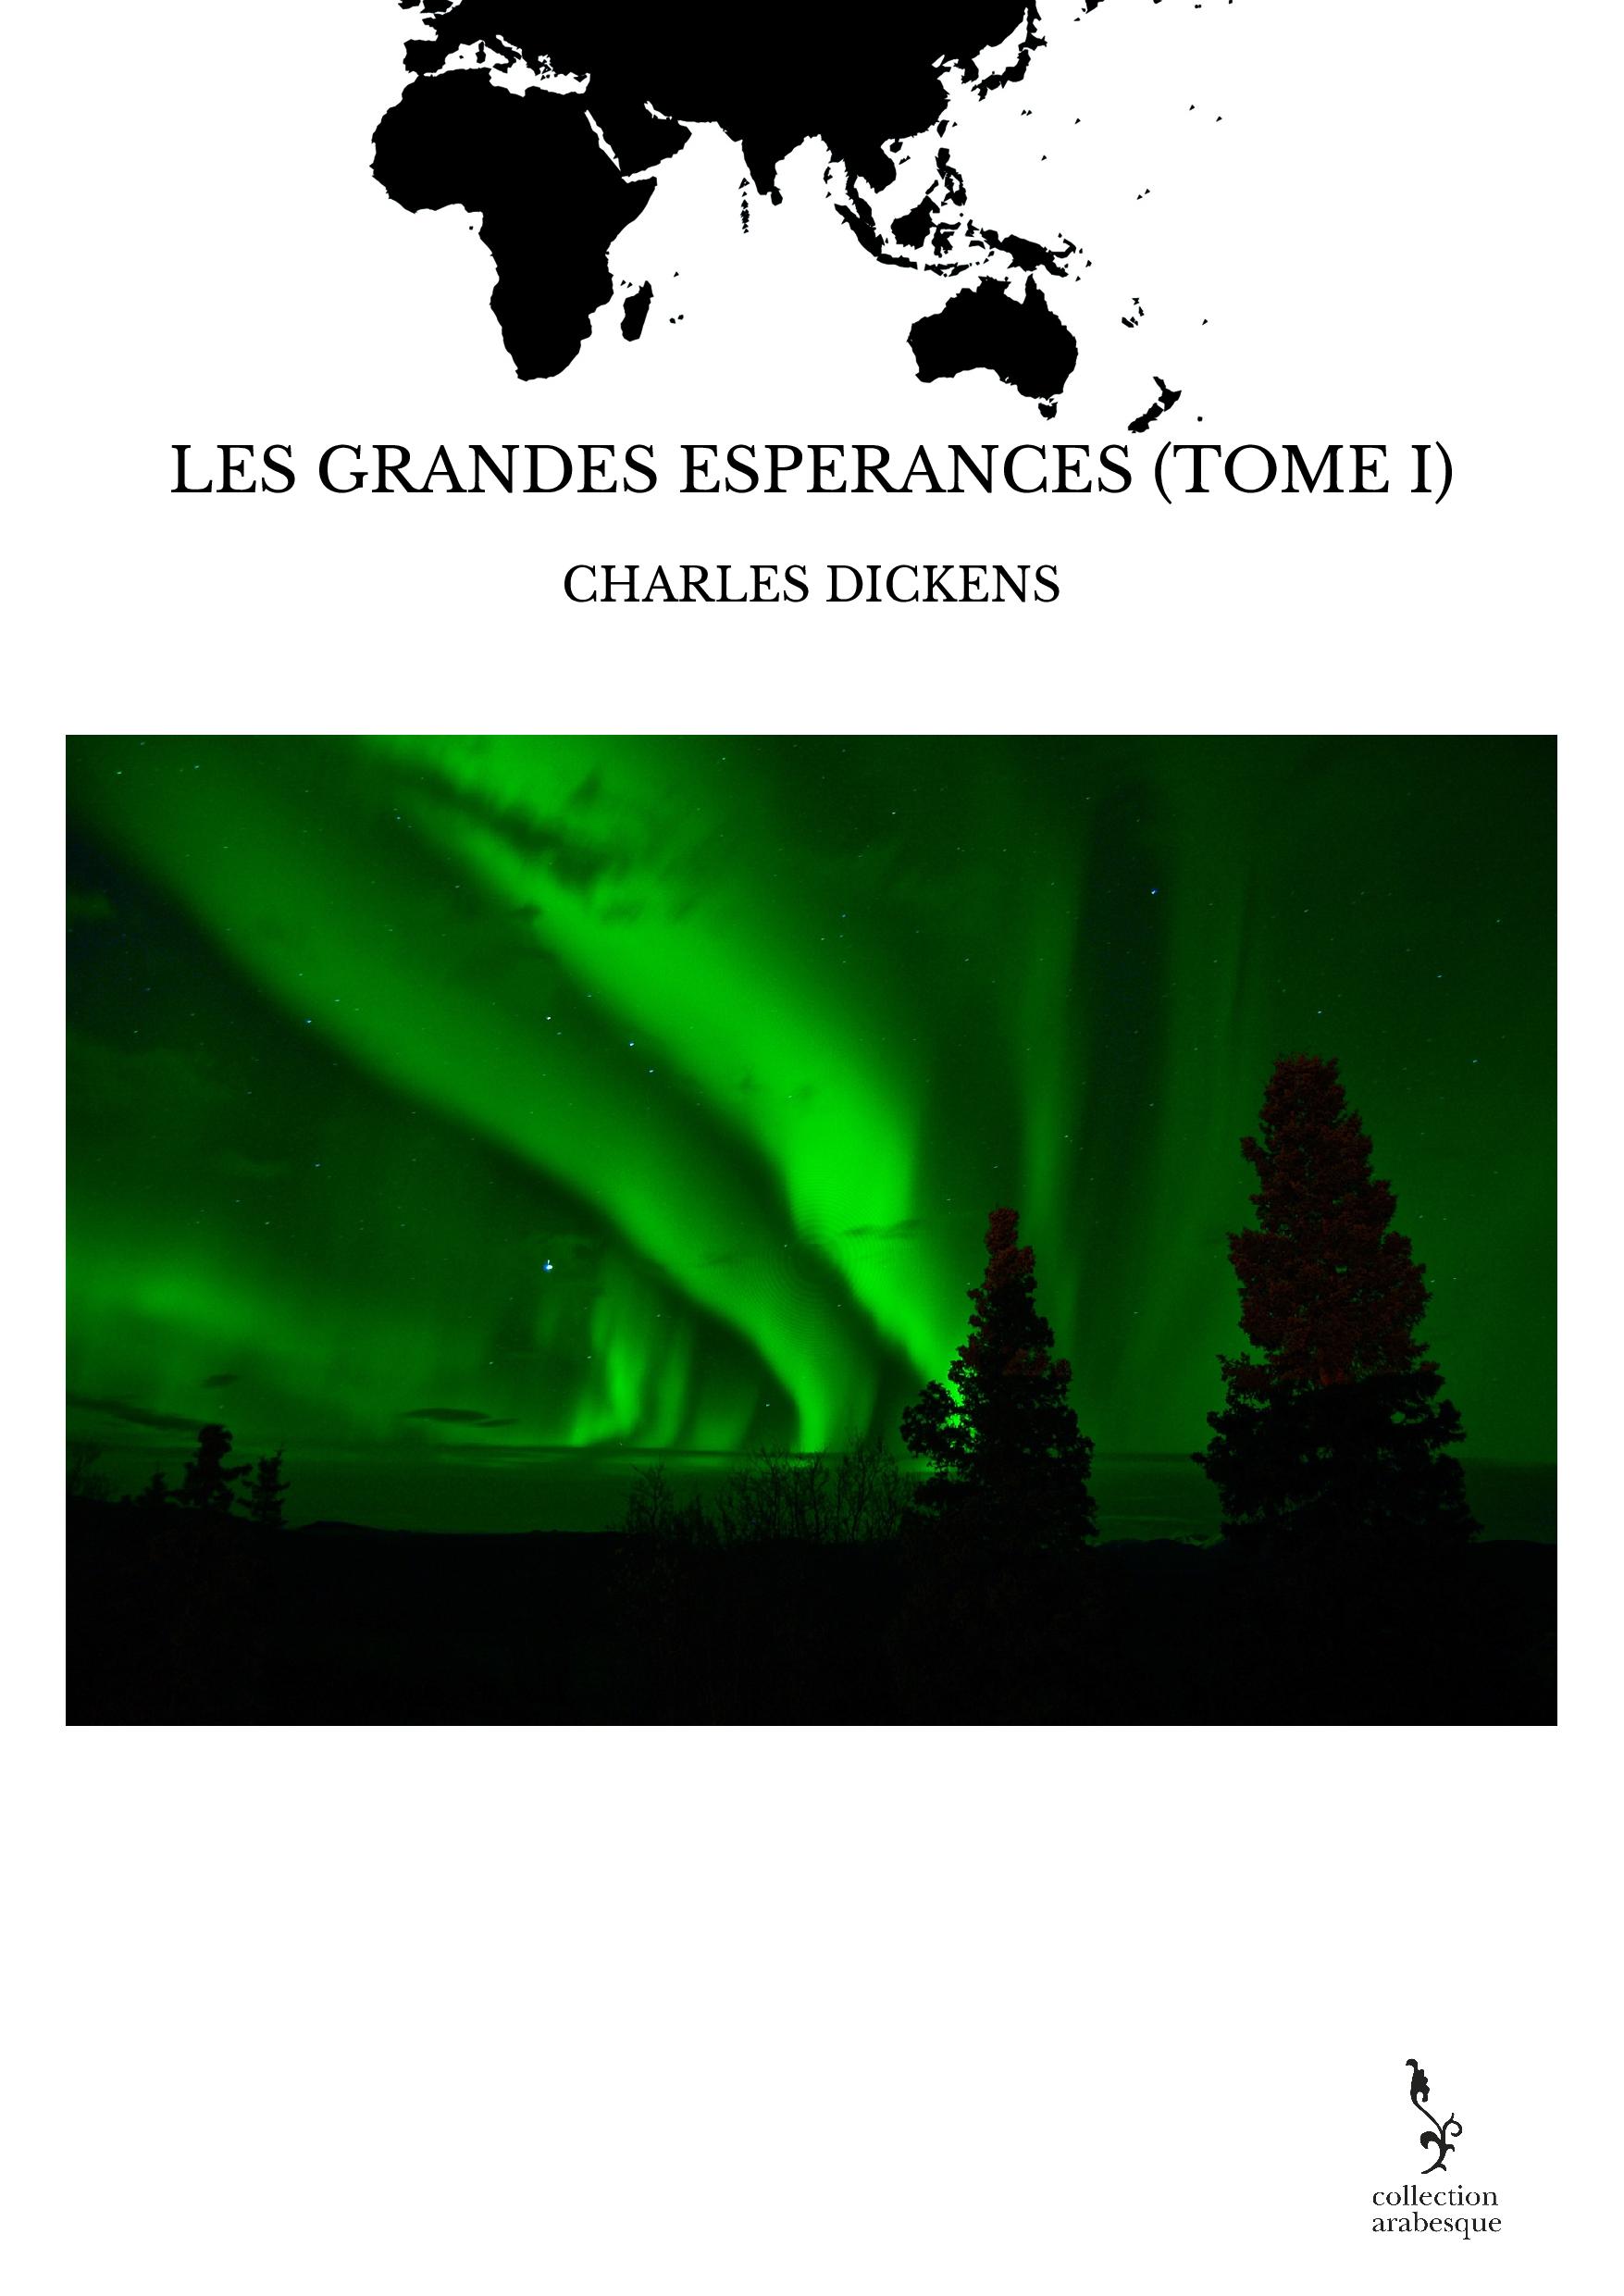 LES GRANDES ESPERANCES (TOME I)